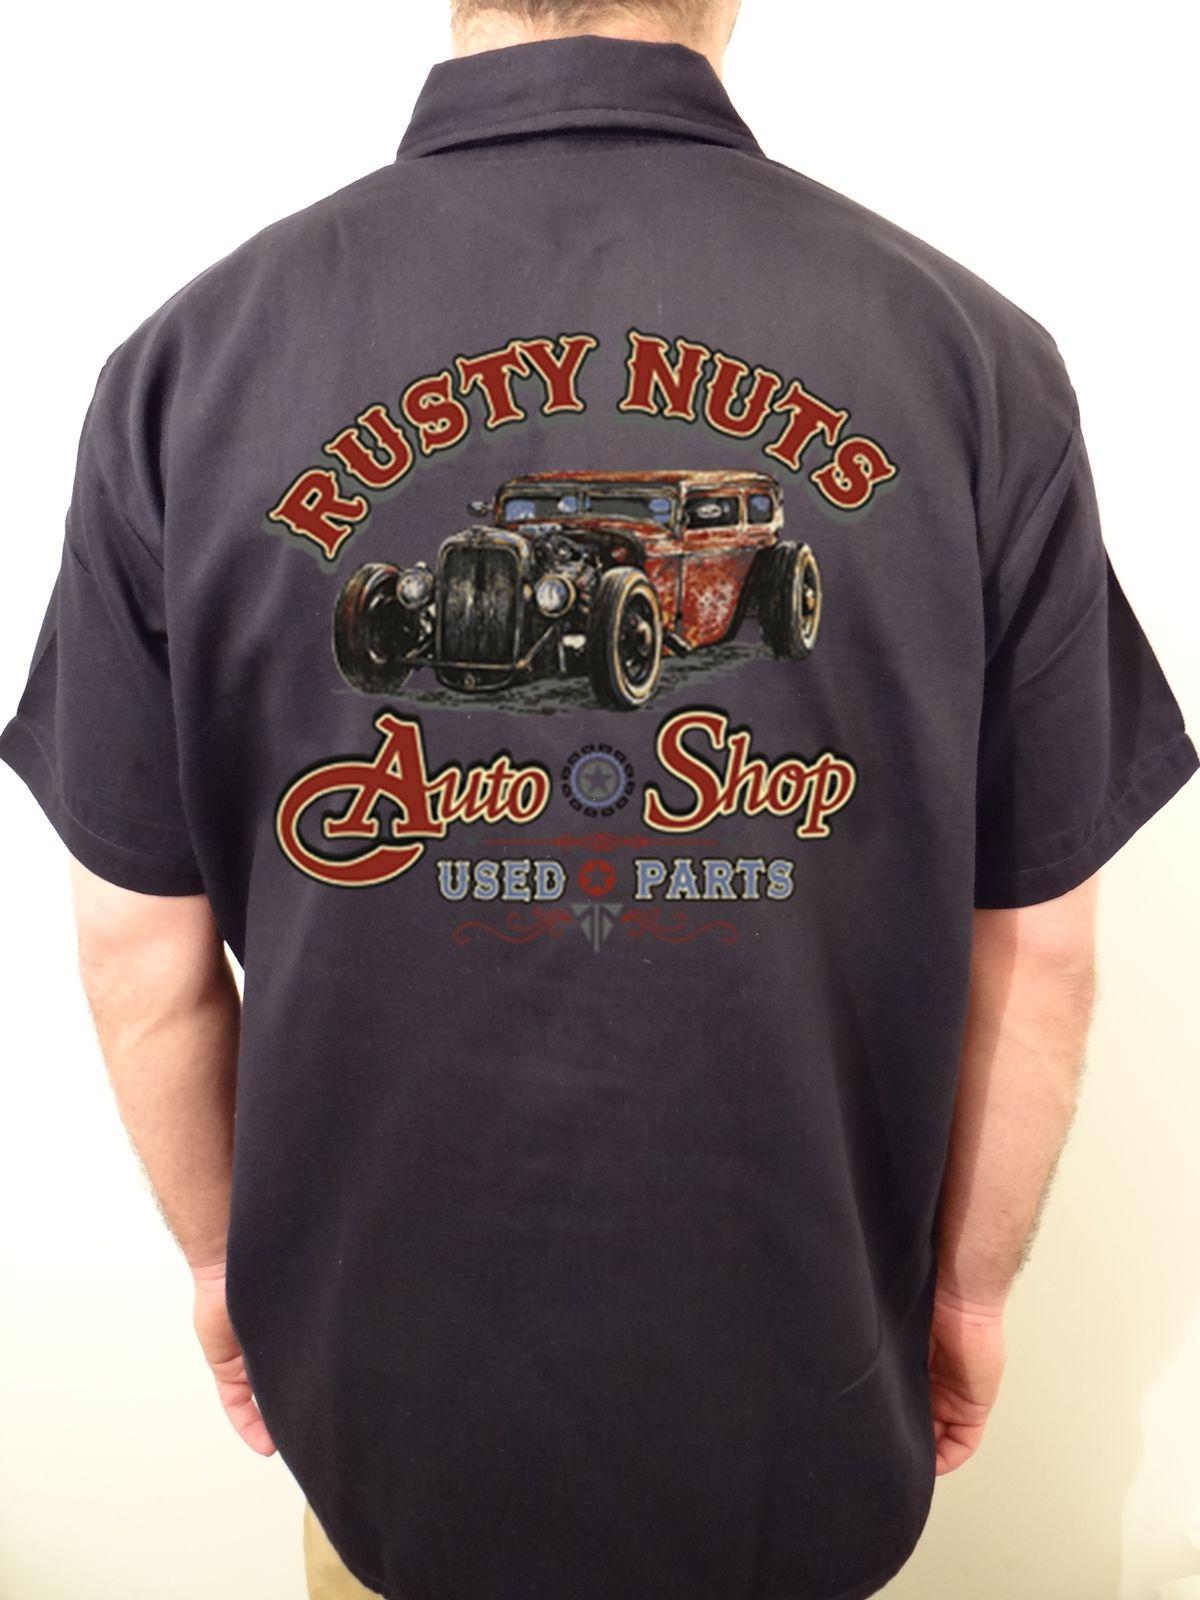 3d4d58f9b MEN'S BIKER WORK SHIRT BIKER rusty nuts auto shop MECHANIC M L XL 2XL 3X 4X  5X